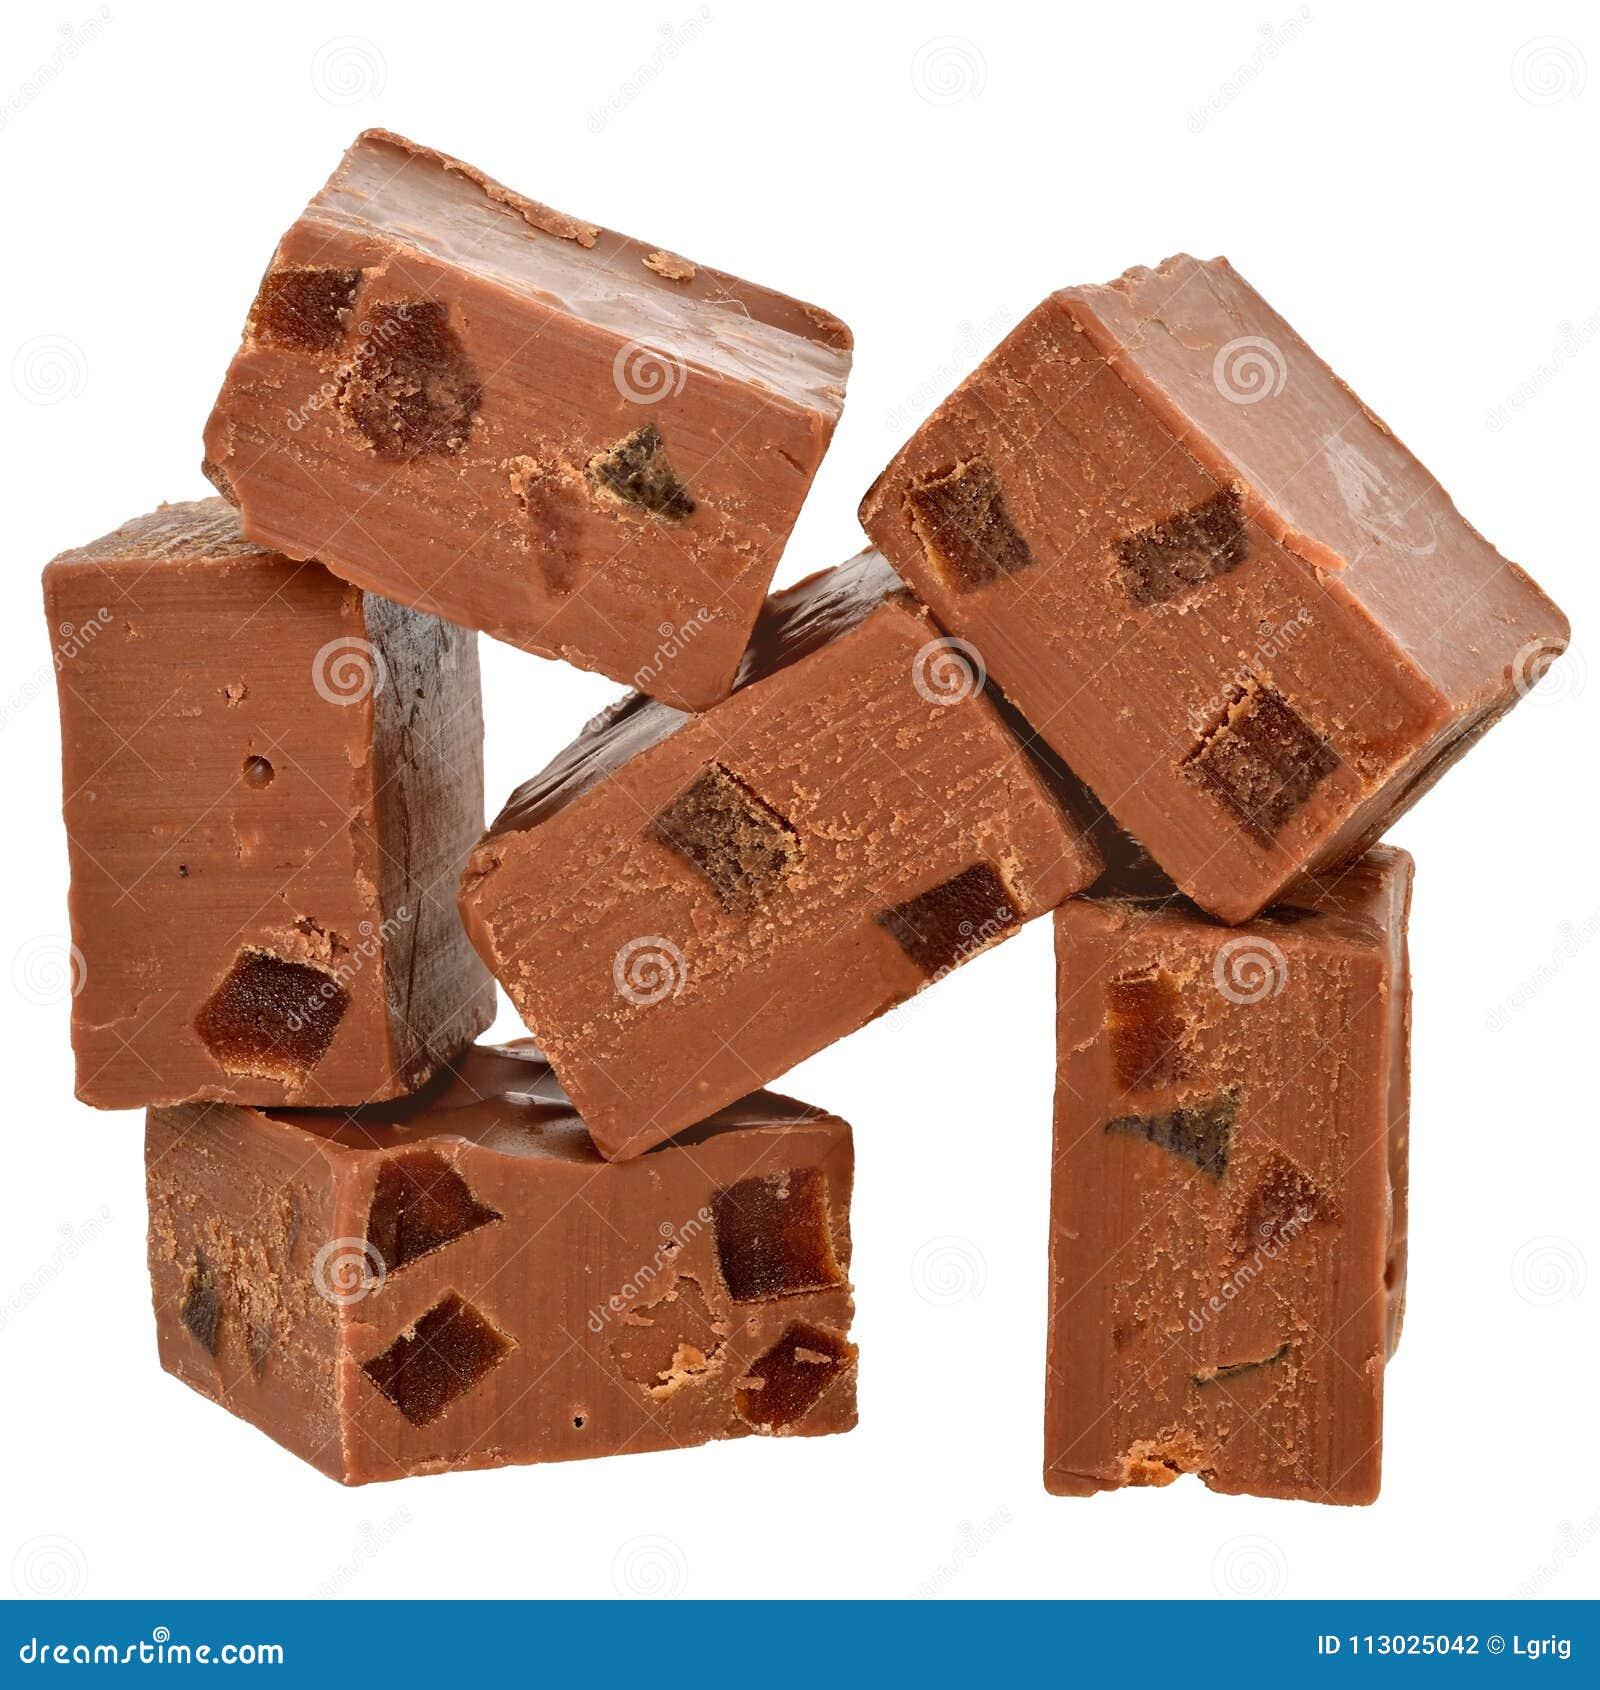 Los cubos del chocolate con leche llenaron de la fruta escarchada anaranjada aislada